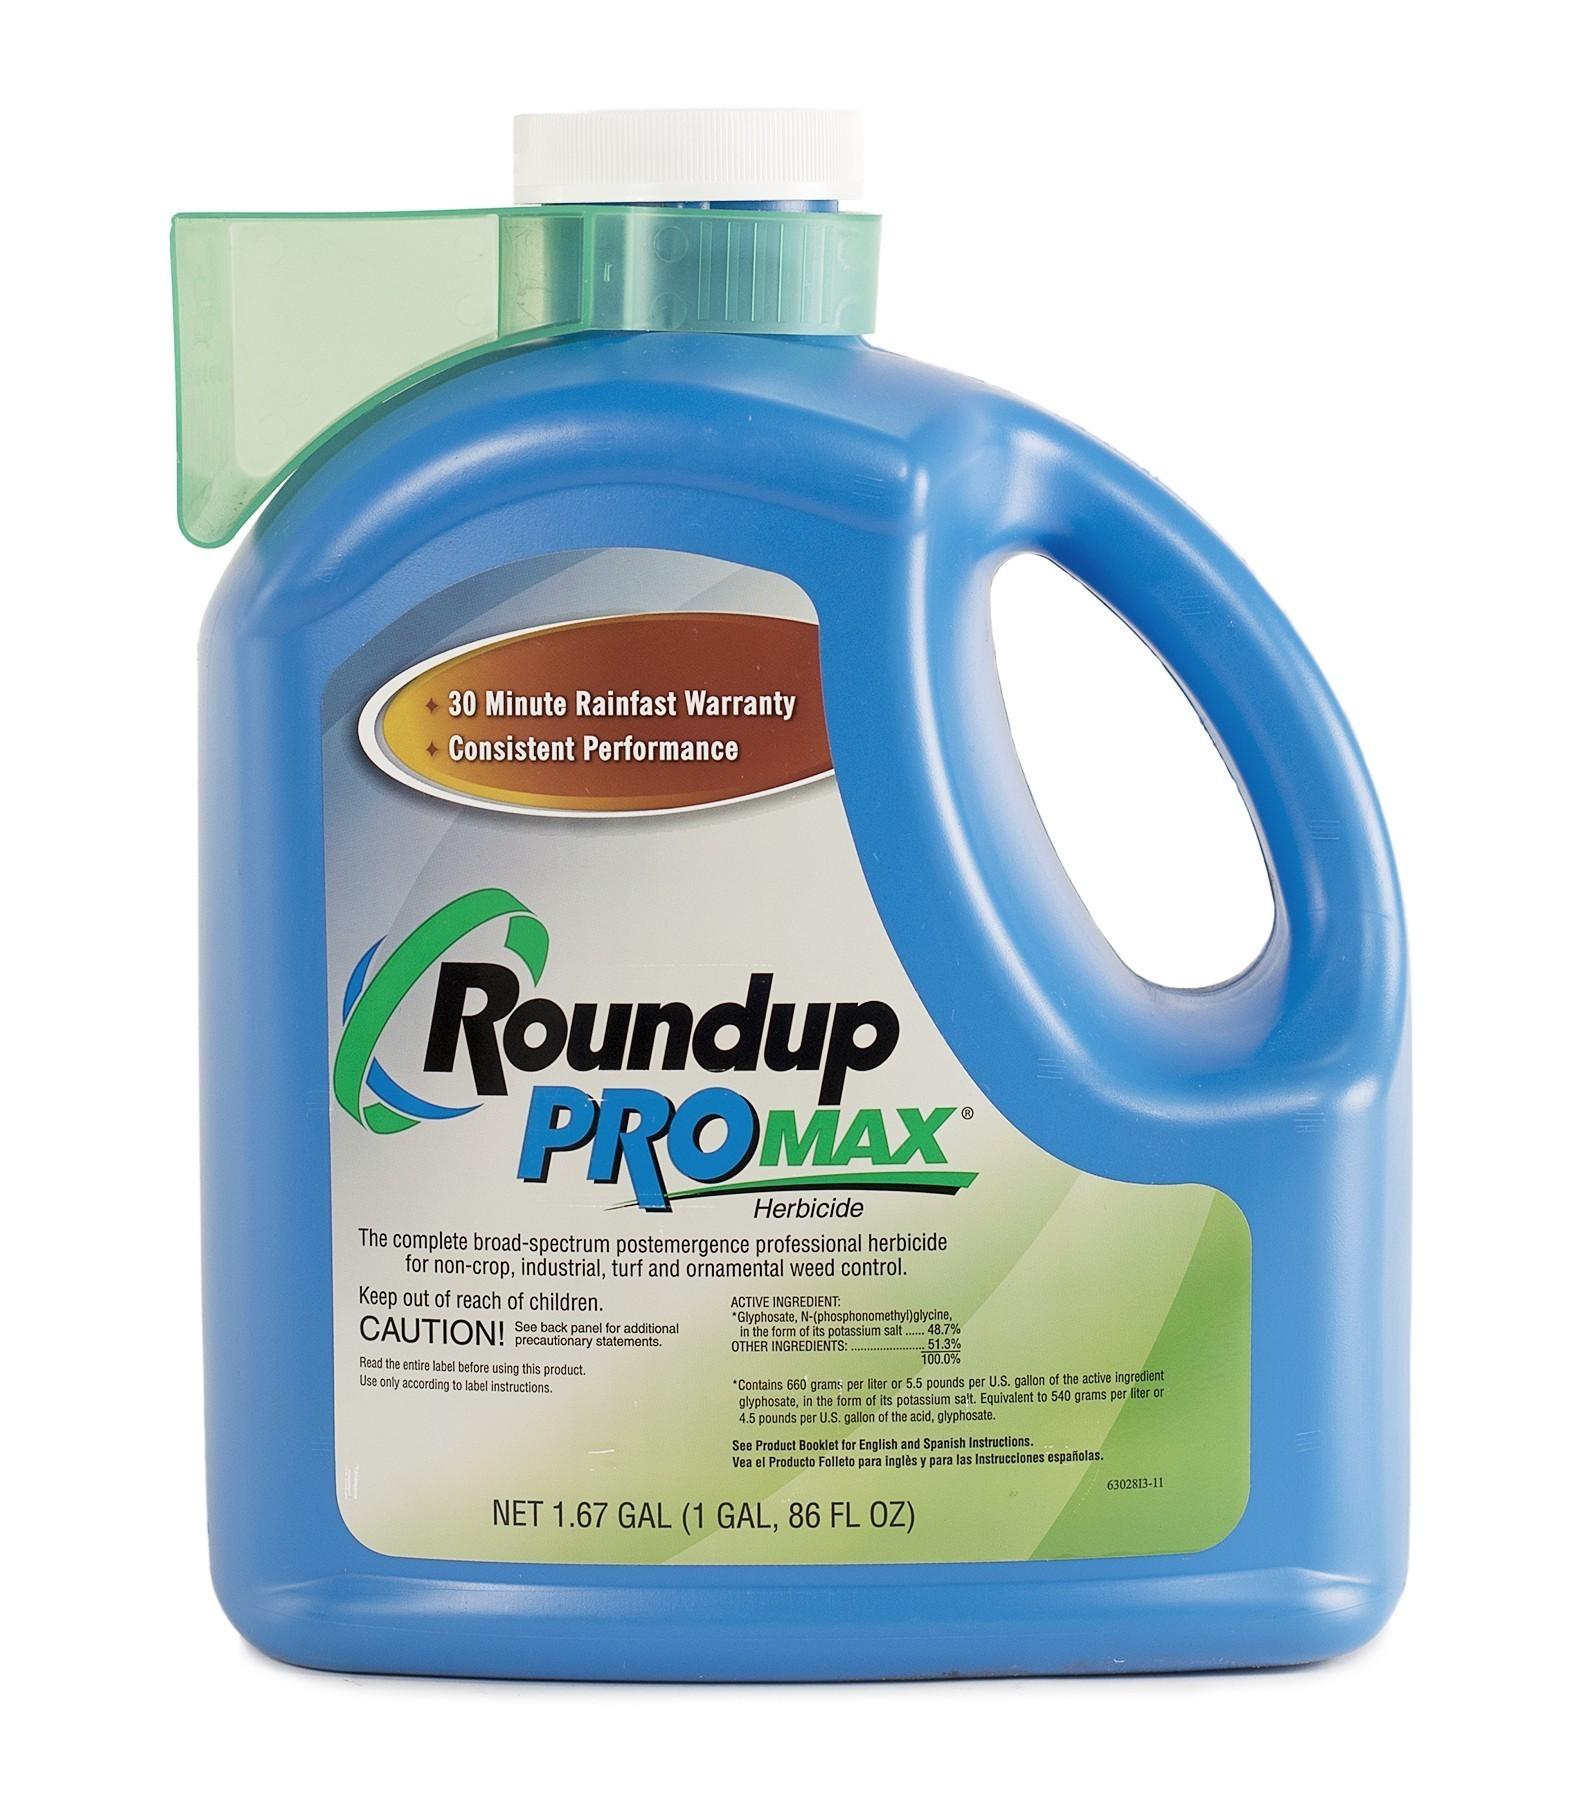 Roundup ProMax